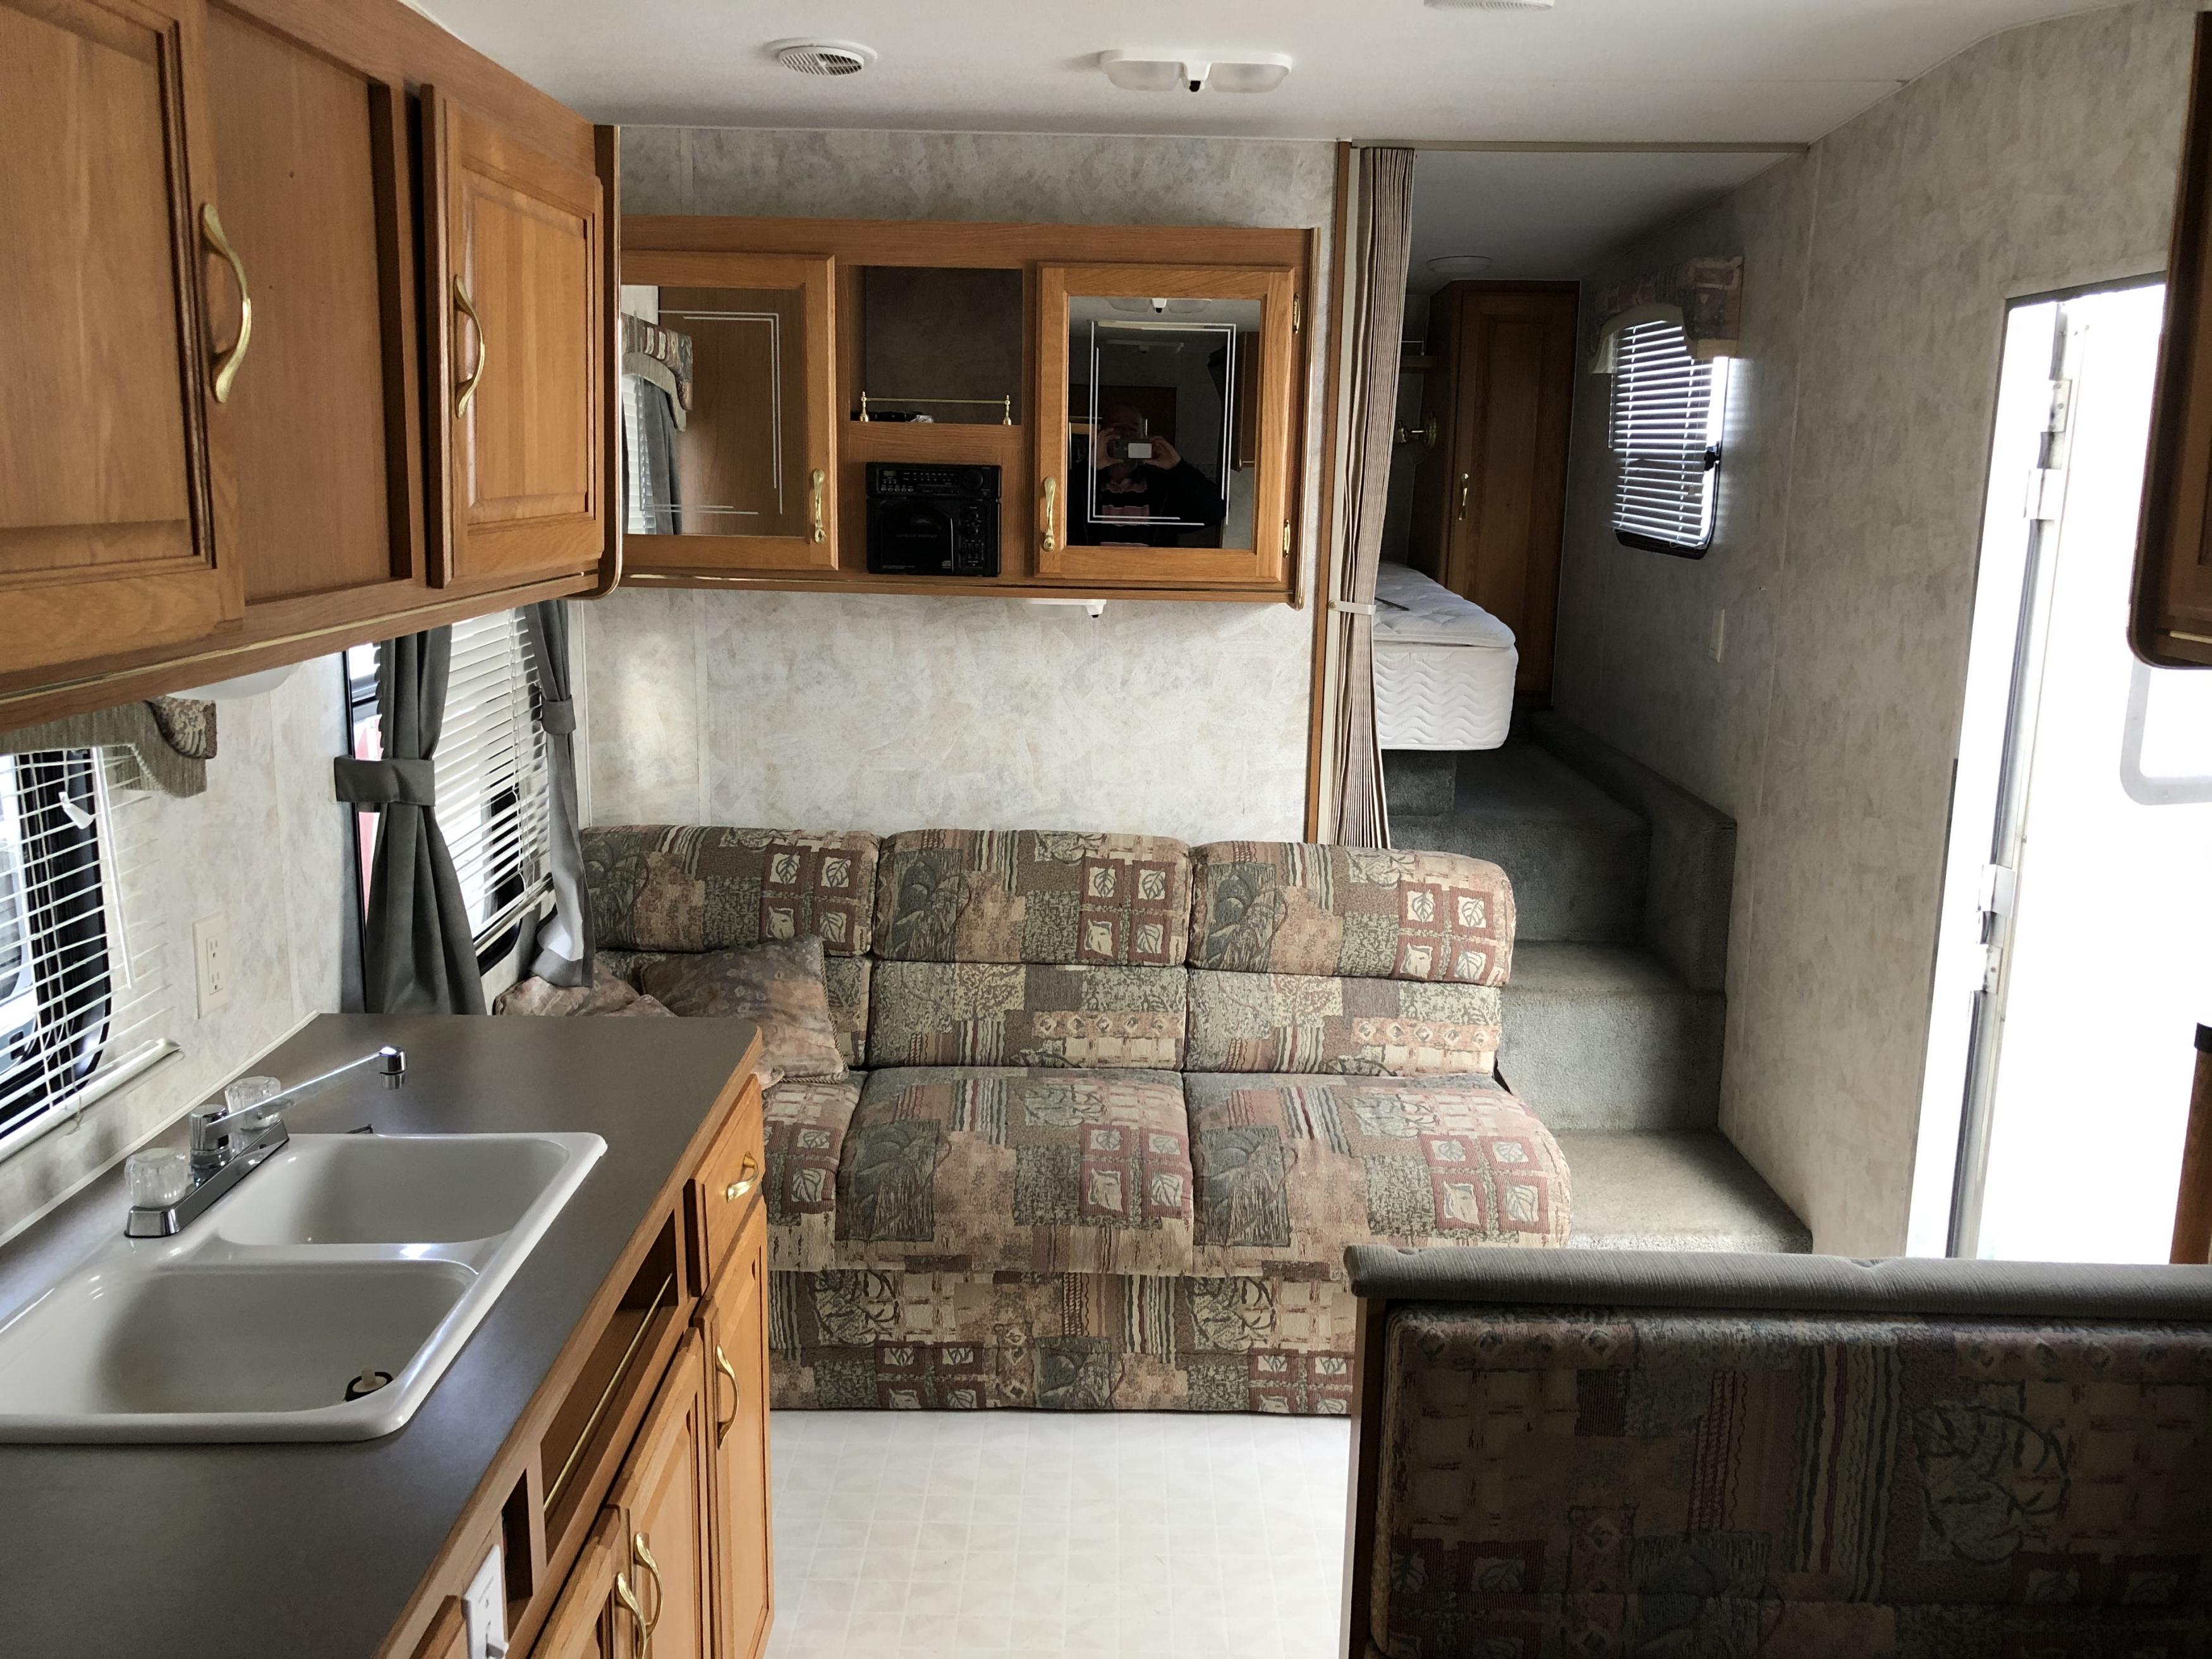 26' Topaz No-slide Trailer Kitchen View interior view